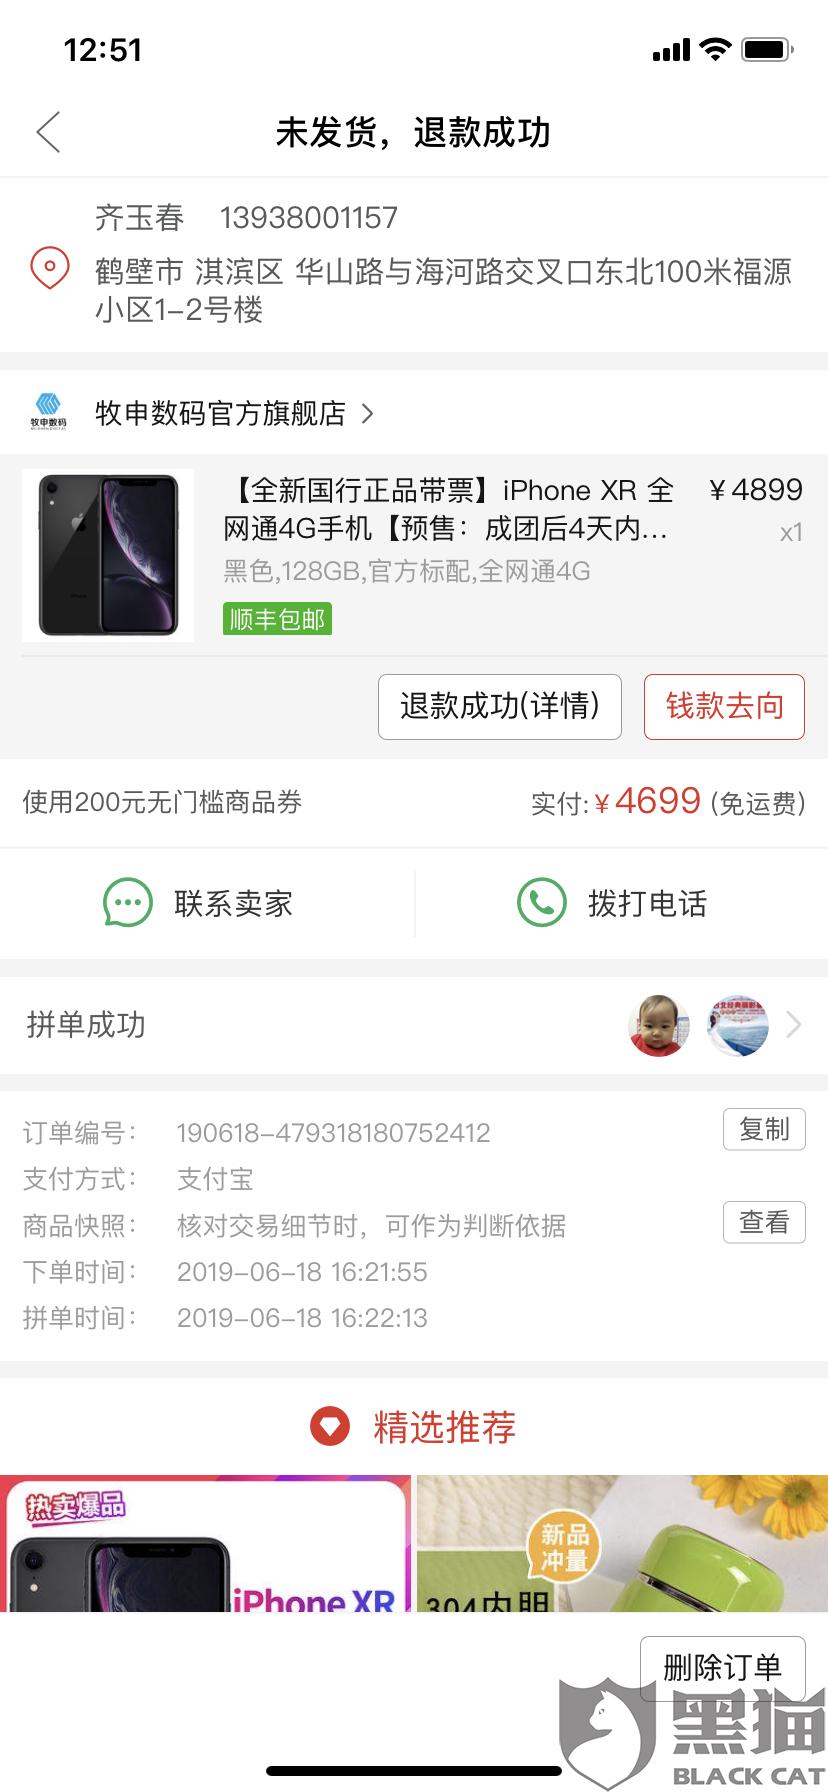 黑猫投诉:牧申数码官方旗舰店无故退款取消订单